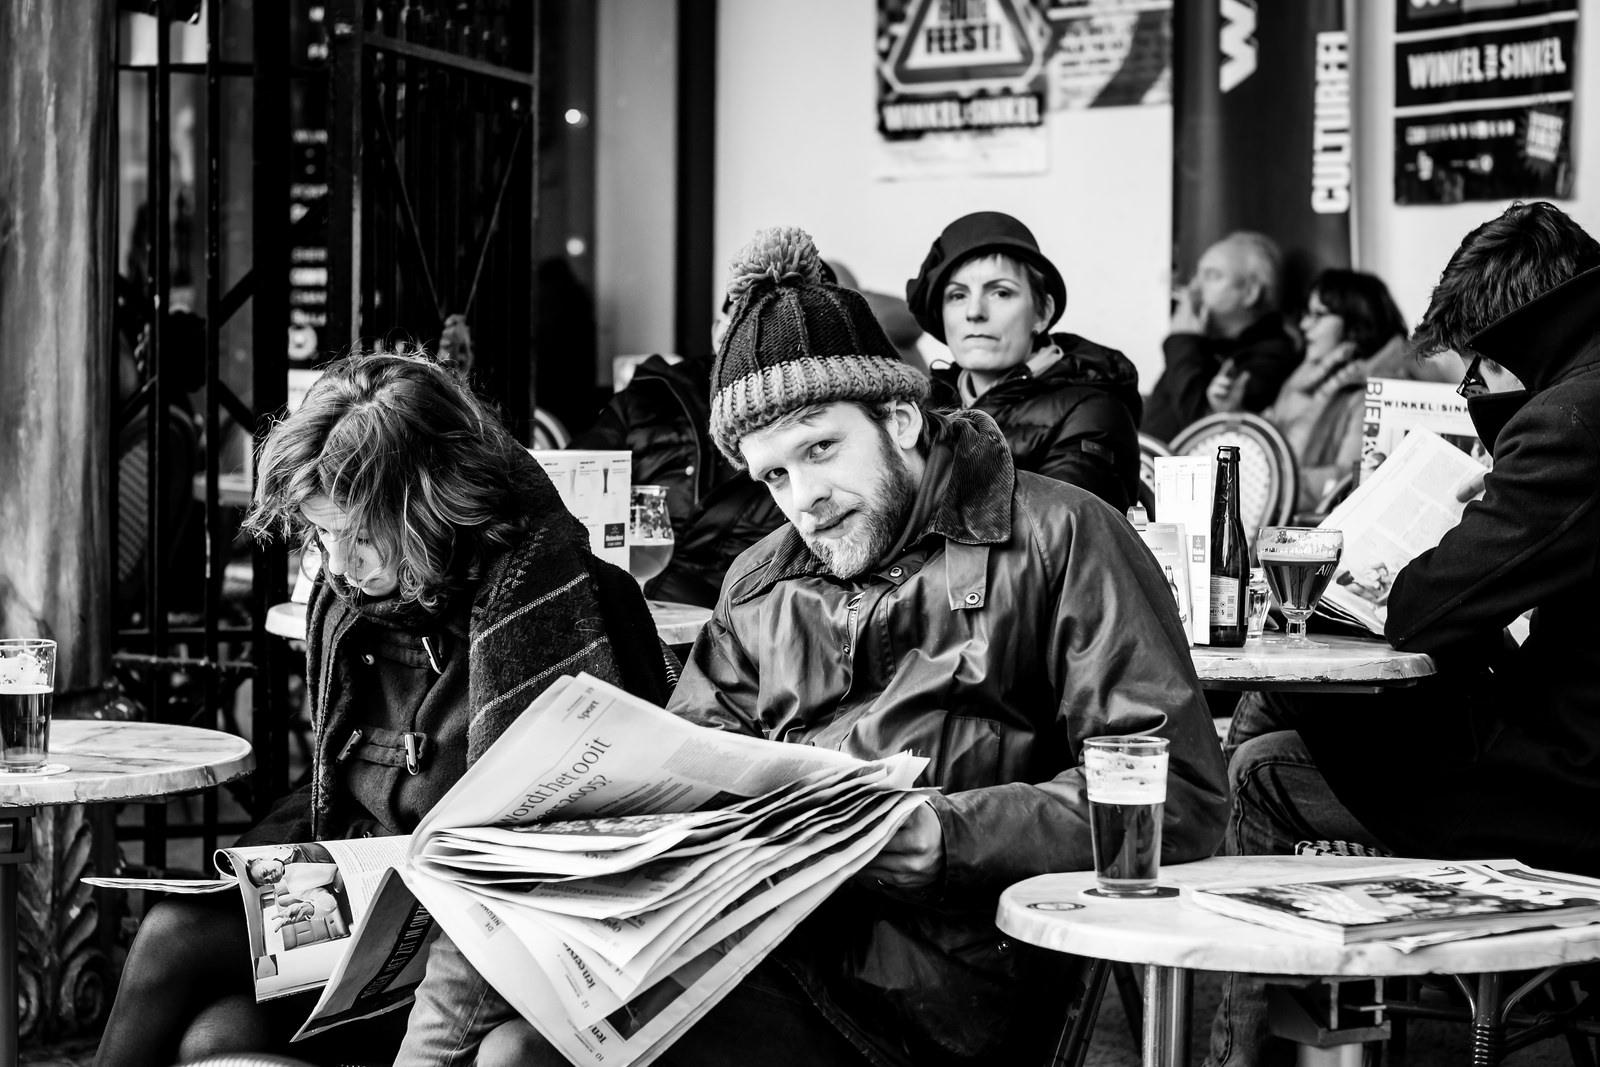 Gutes Cafe In K Ef Bf Bdln